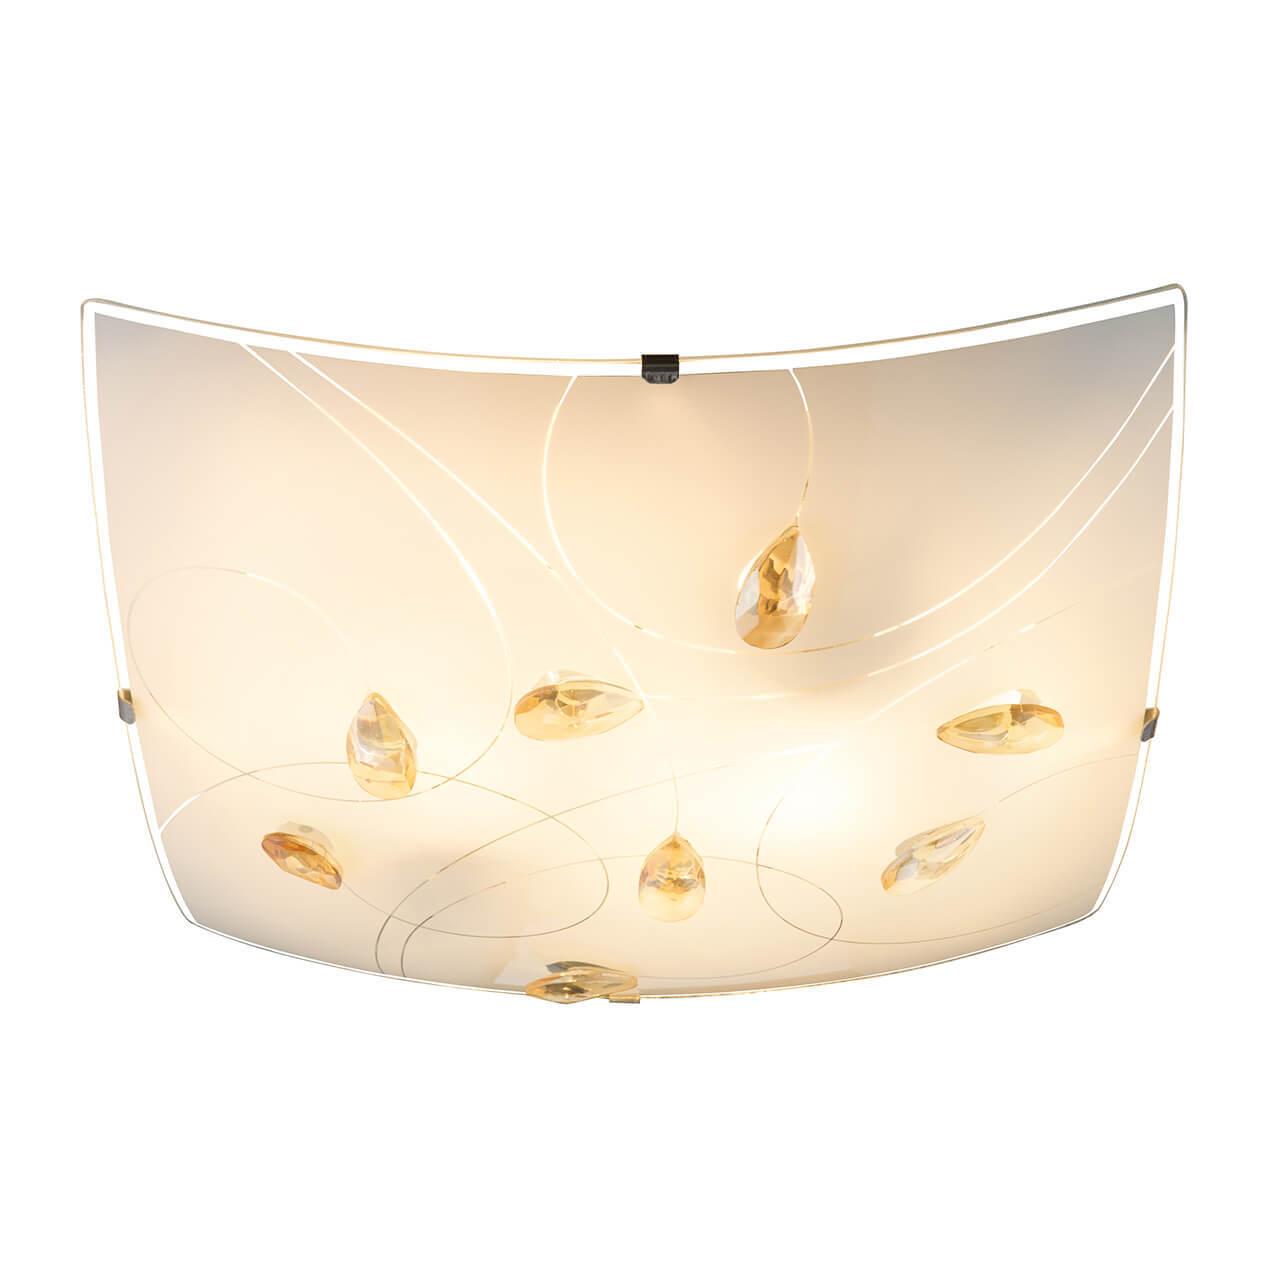 Настенно-потолочный светильник Globo Taveuni 40393-2 настенно потолочный светильник globo new 54301 2 белый